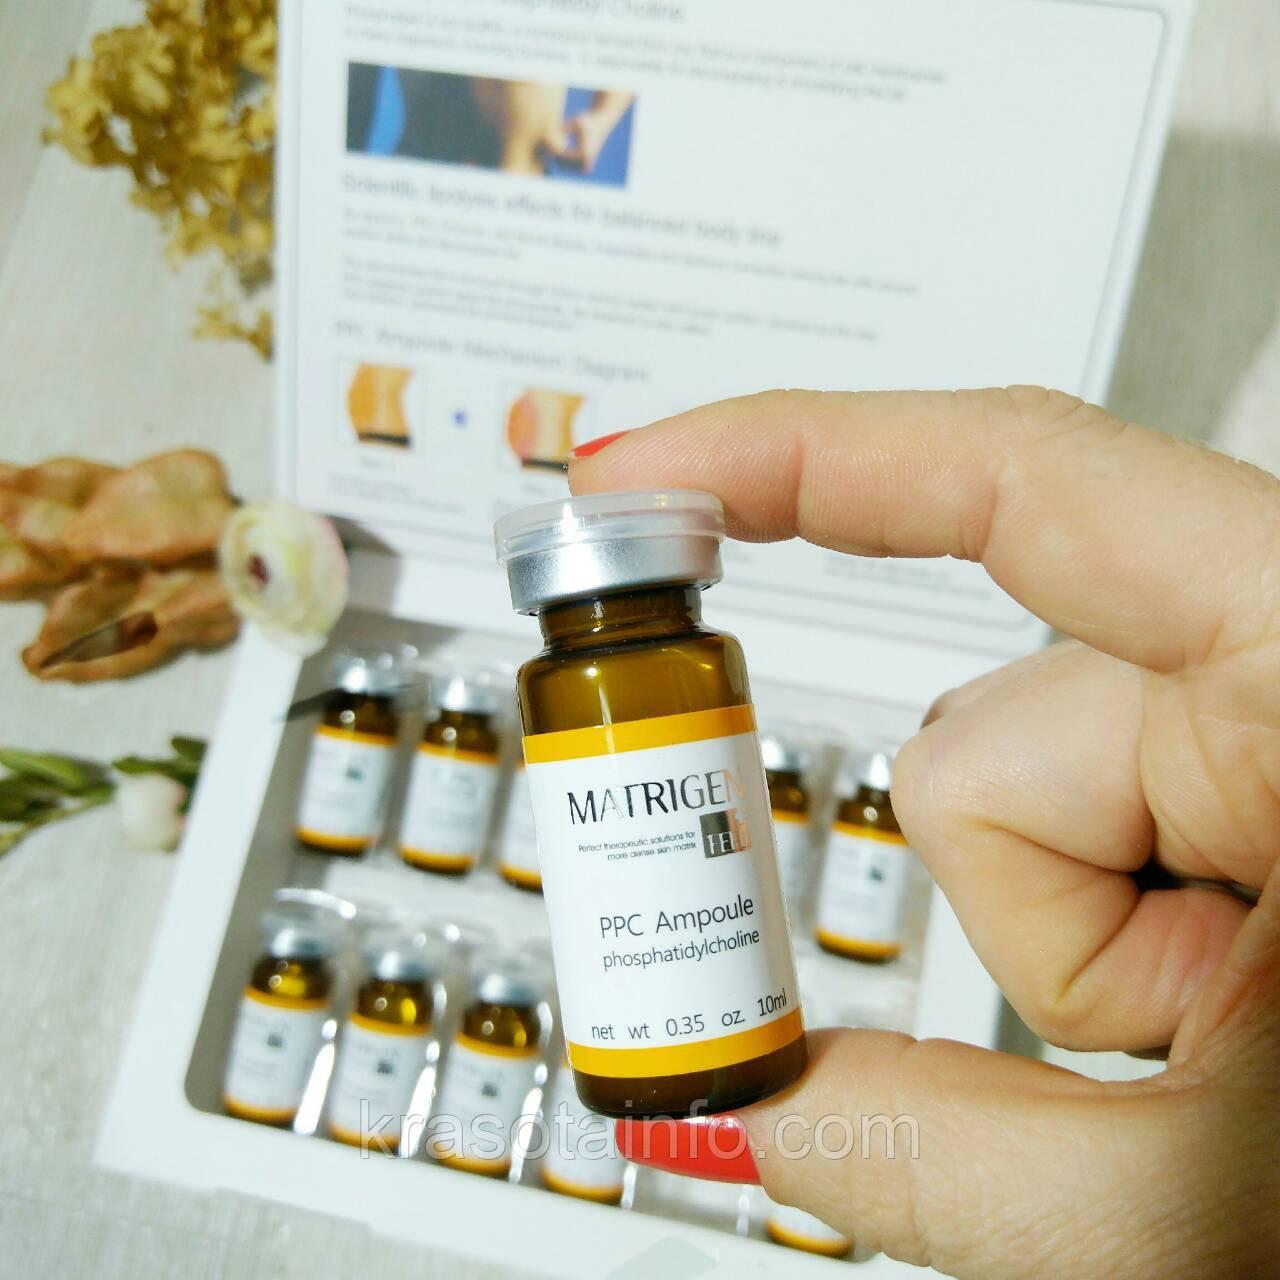 Концетрат для дермаштампа от целлюлита, жиросжигающий для похудения, MATRIGEN PPC Ampoule, Корея, 10 мл